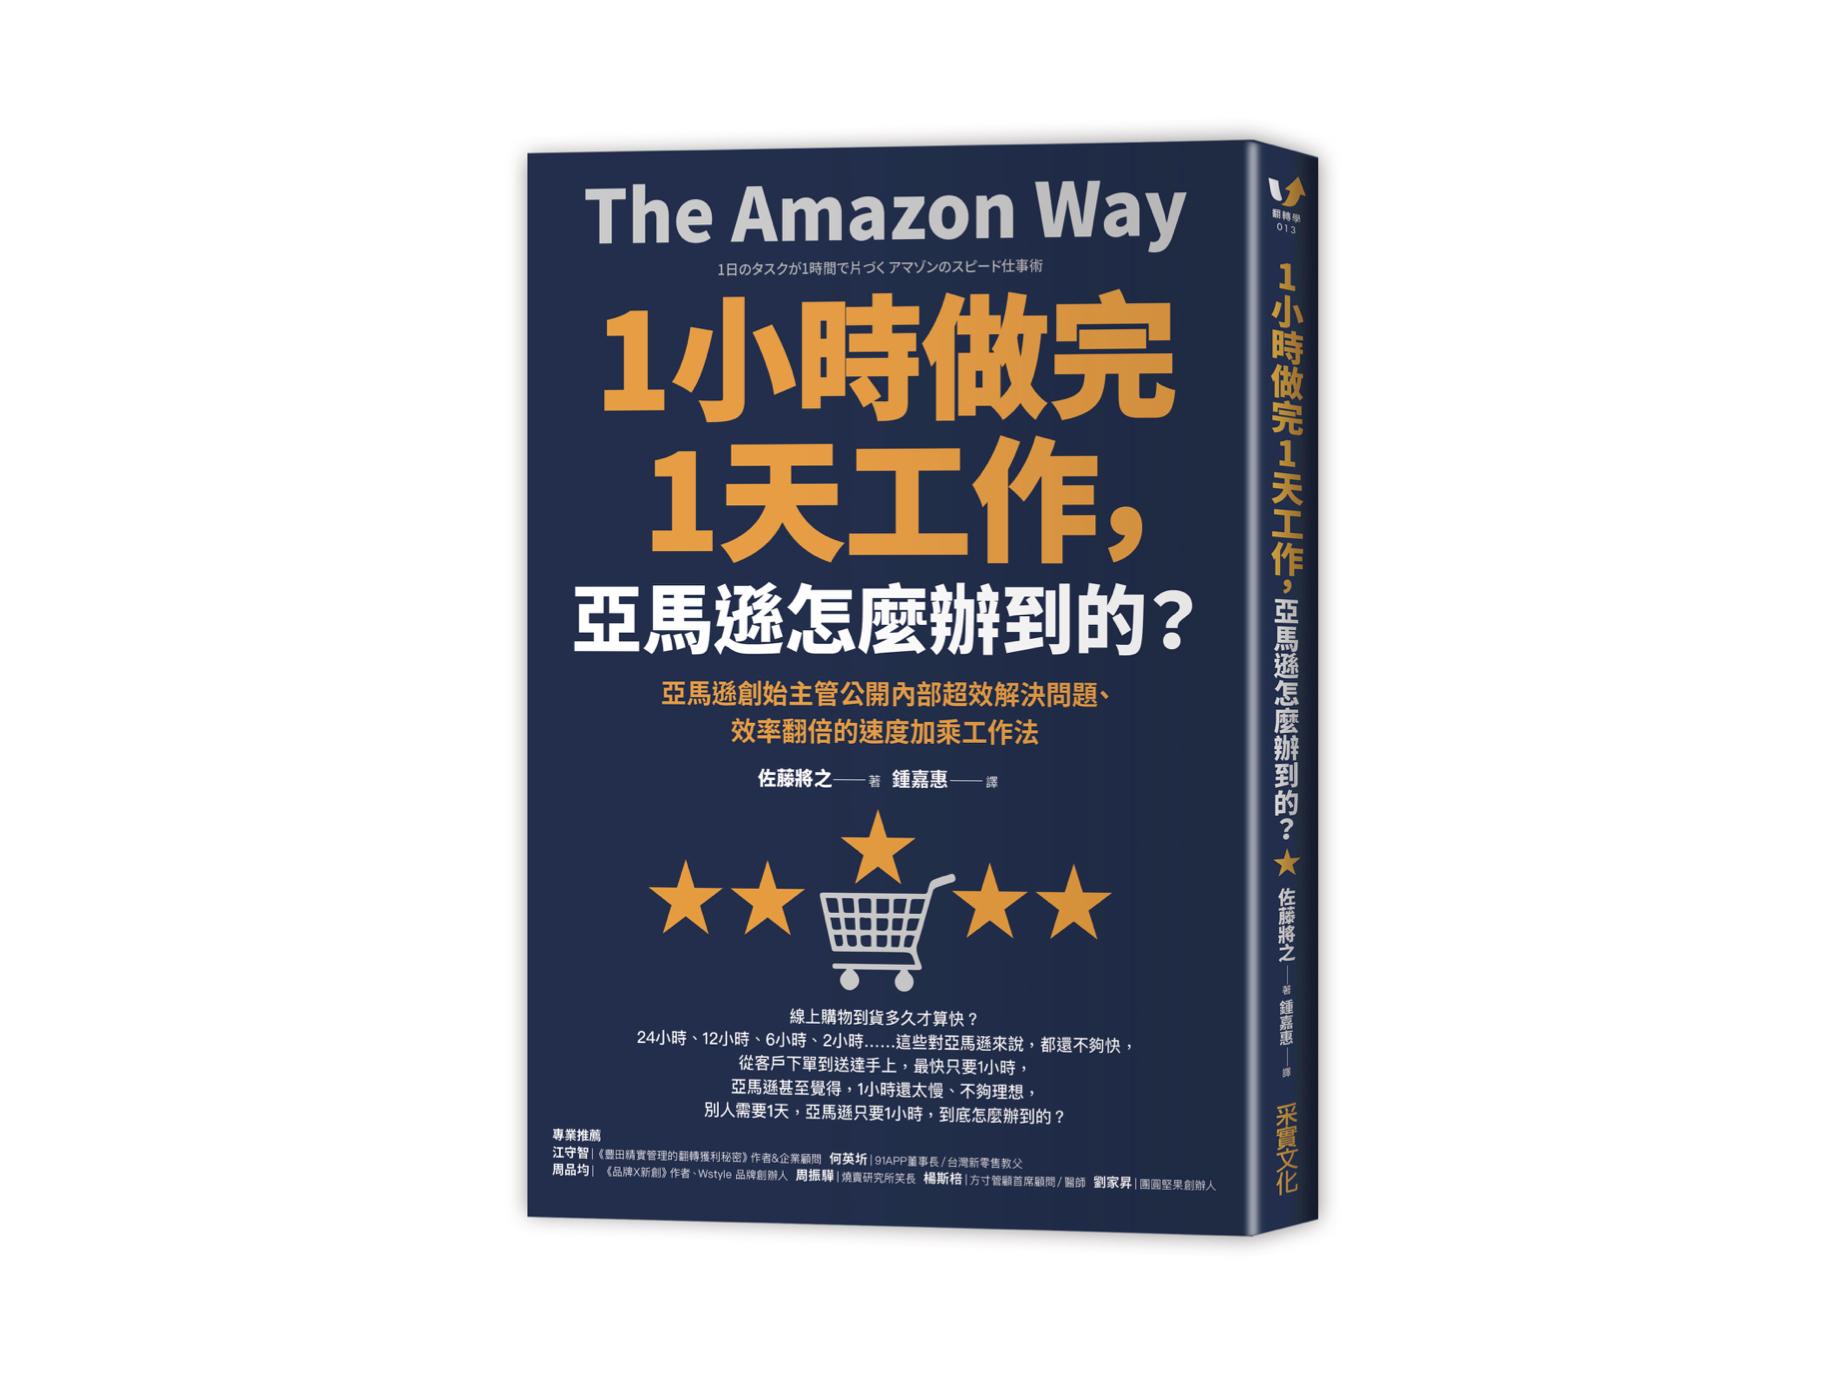 新書搶先看》向亞馬遜學習,工作速度快七倍!